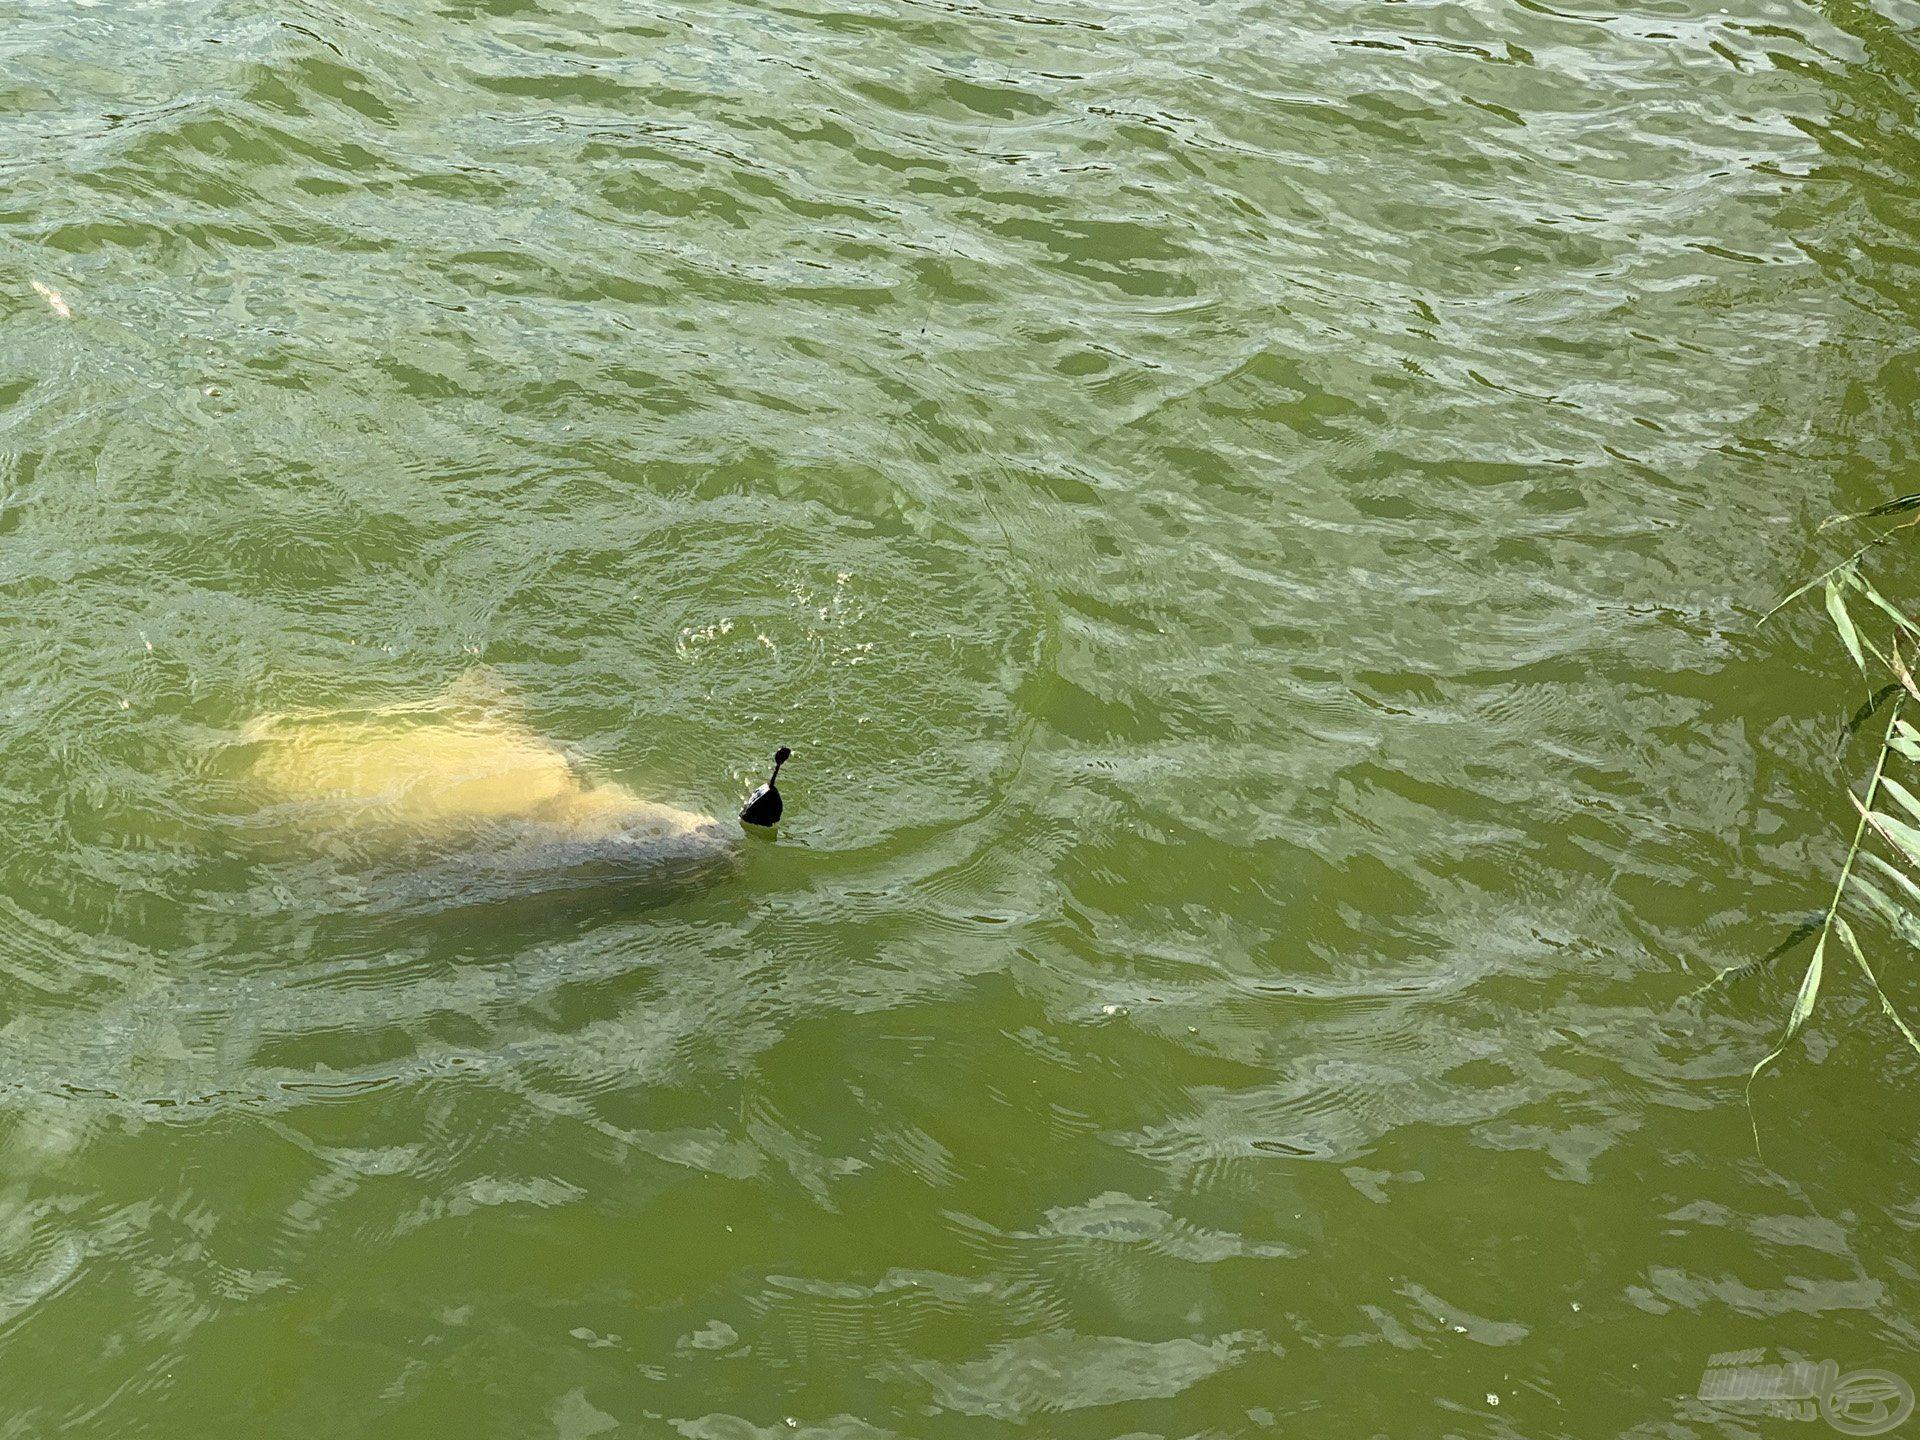 Hihetetlenül izgalmas pillanatok számomra, mielőtt először megpillanthatom a megakasztott halat